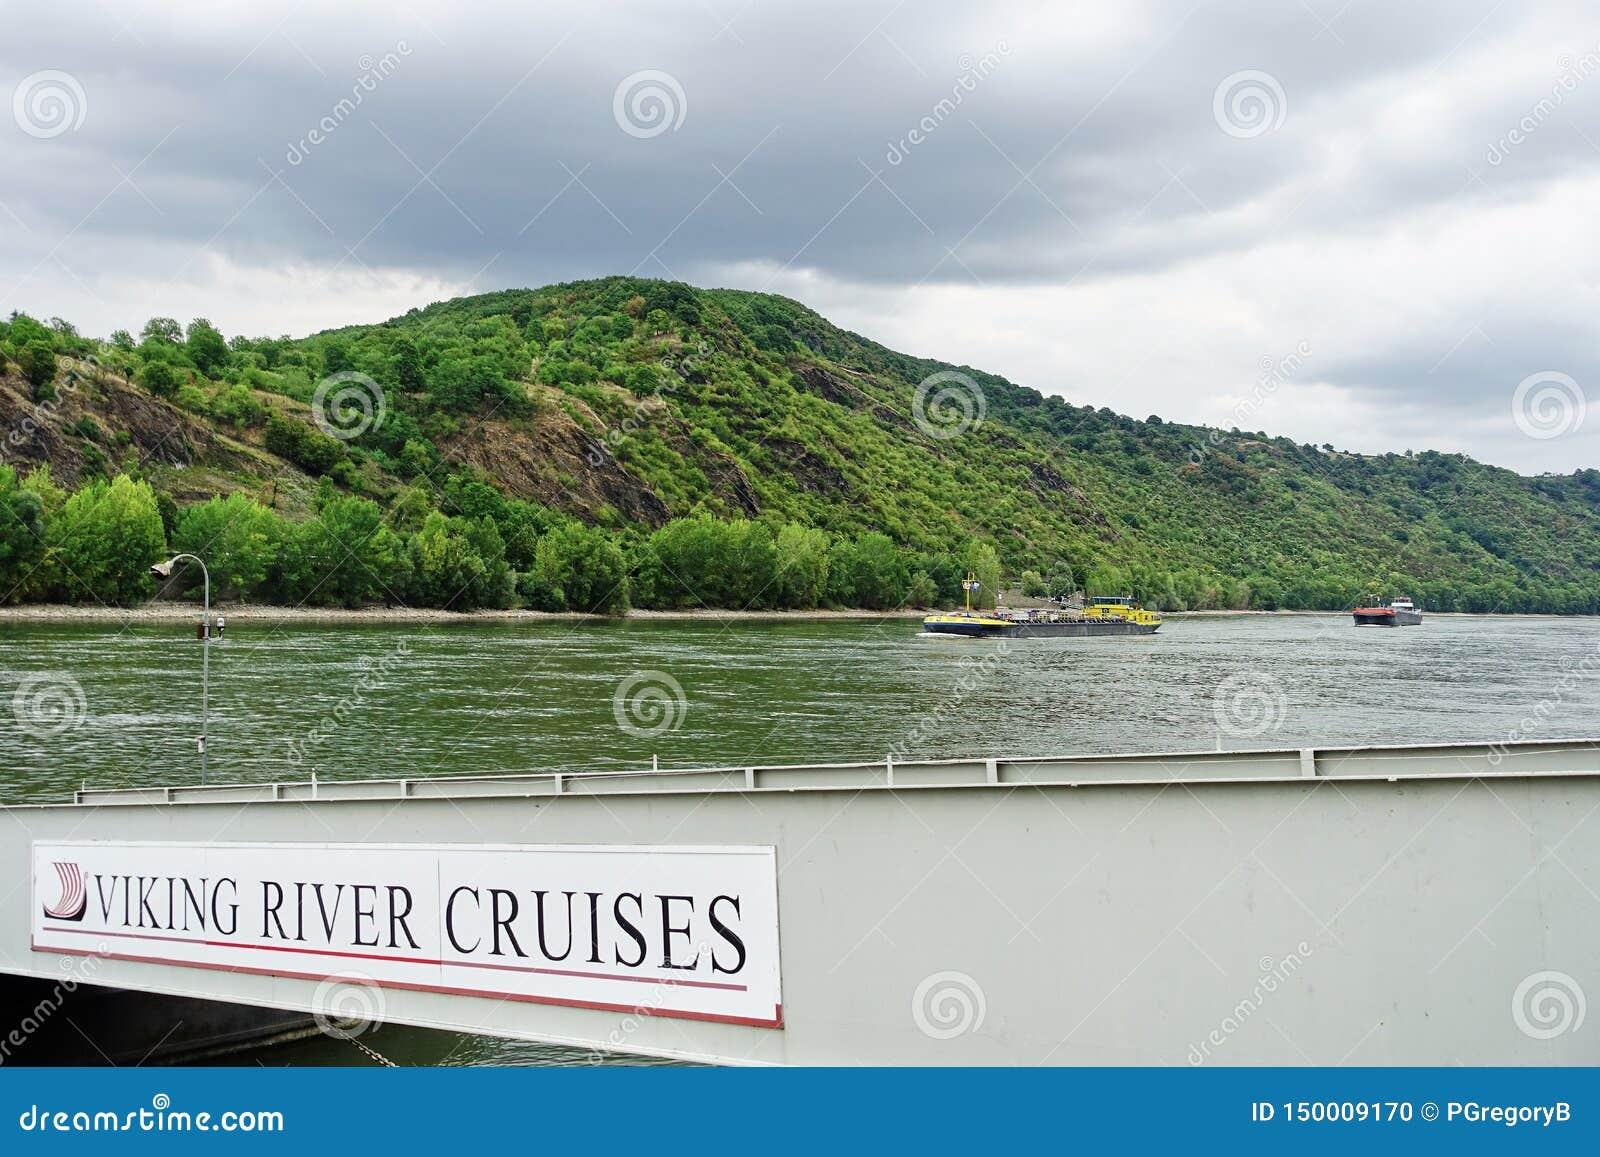 Rijn-Rivier met Viking River Cruises-teken op doorgang